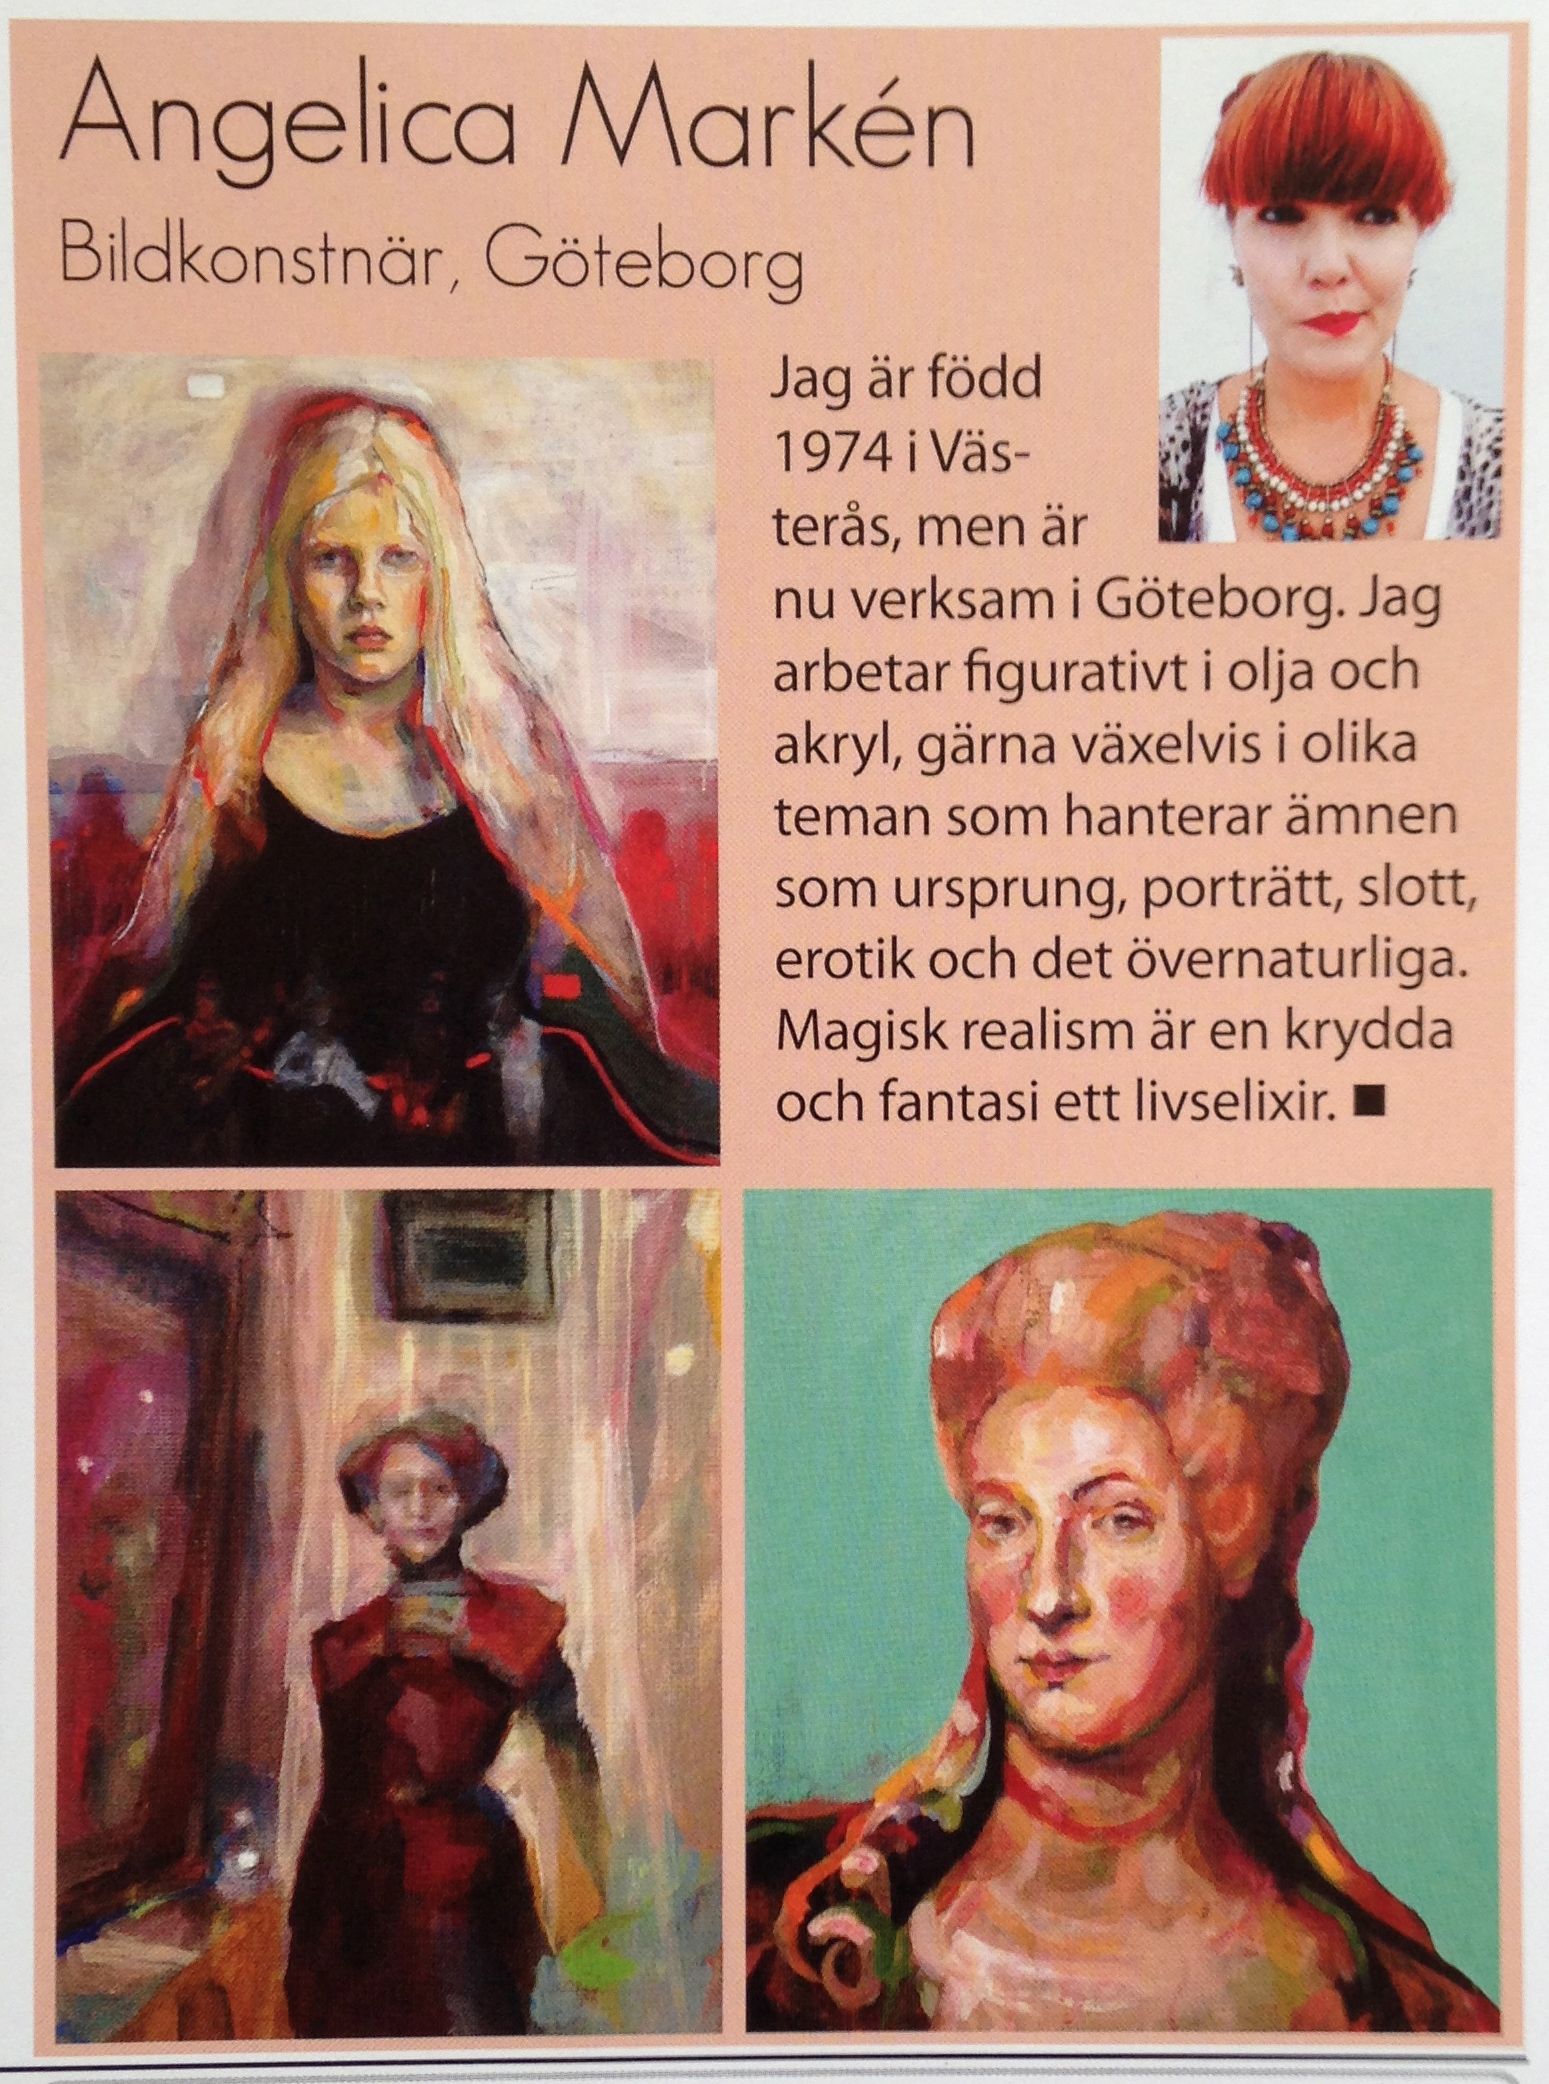 angelica markén konstnärsalliansen